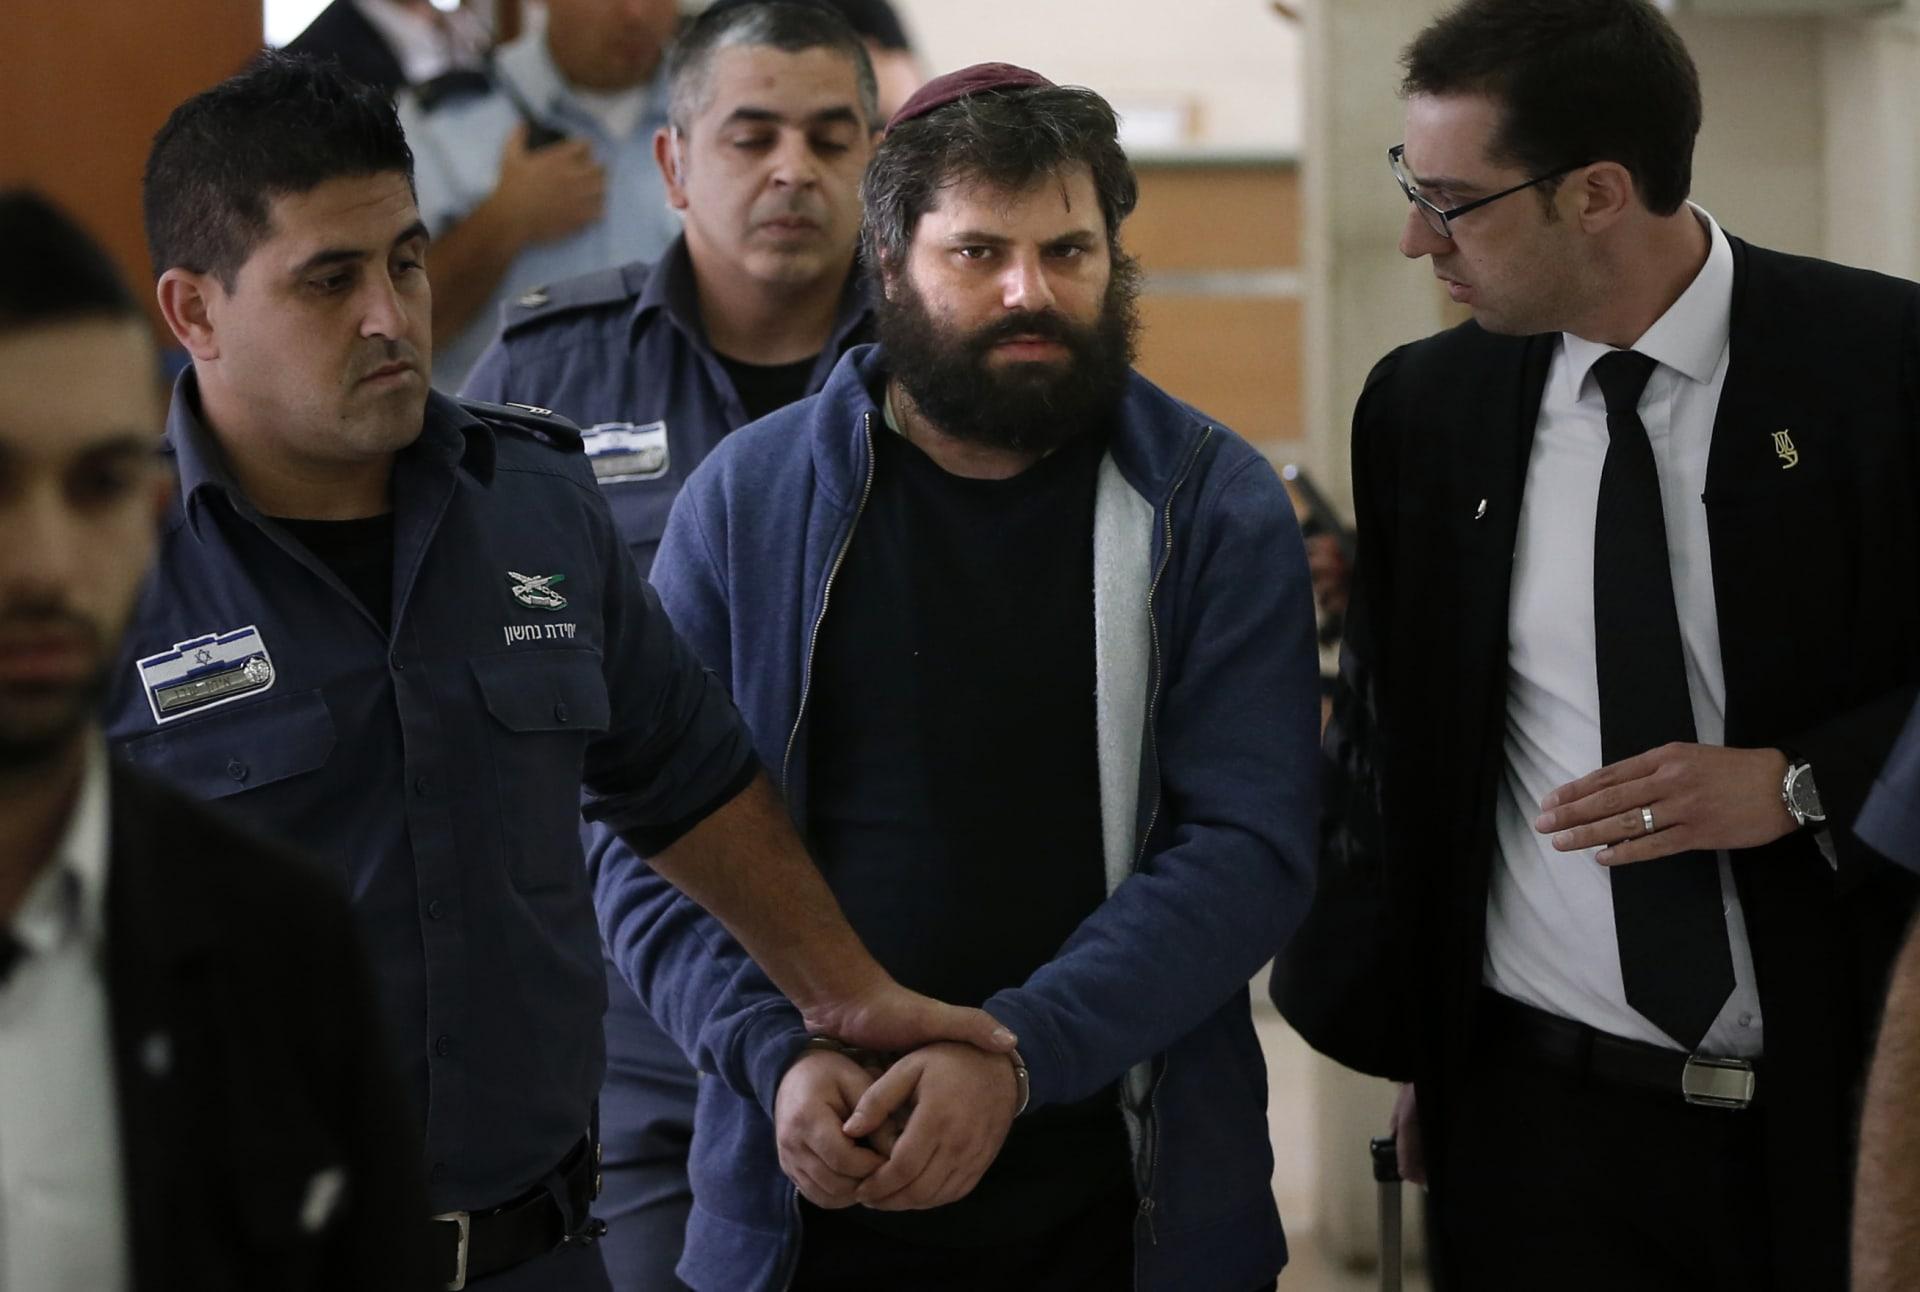 محكمة إسرائيلية ترفض محاولة تهّرب قاتل من السجن عبر ادعائه الجنون.. بعد قتل الفلسطيني أبوخضير حرقاً